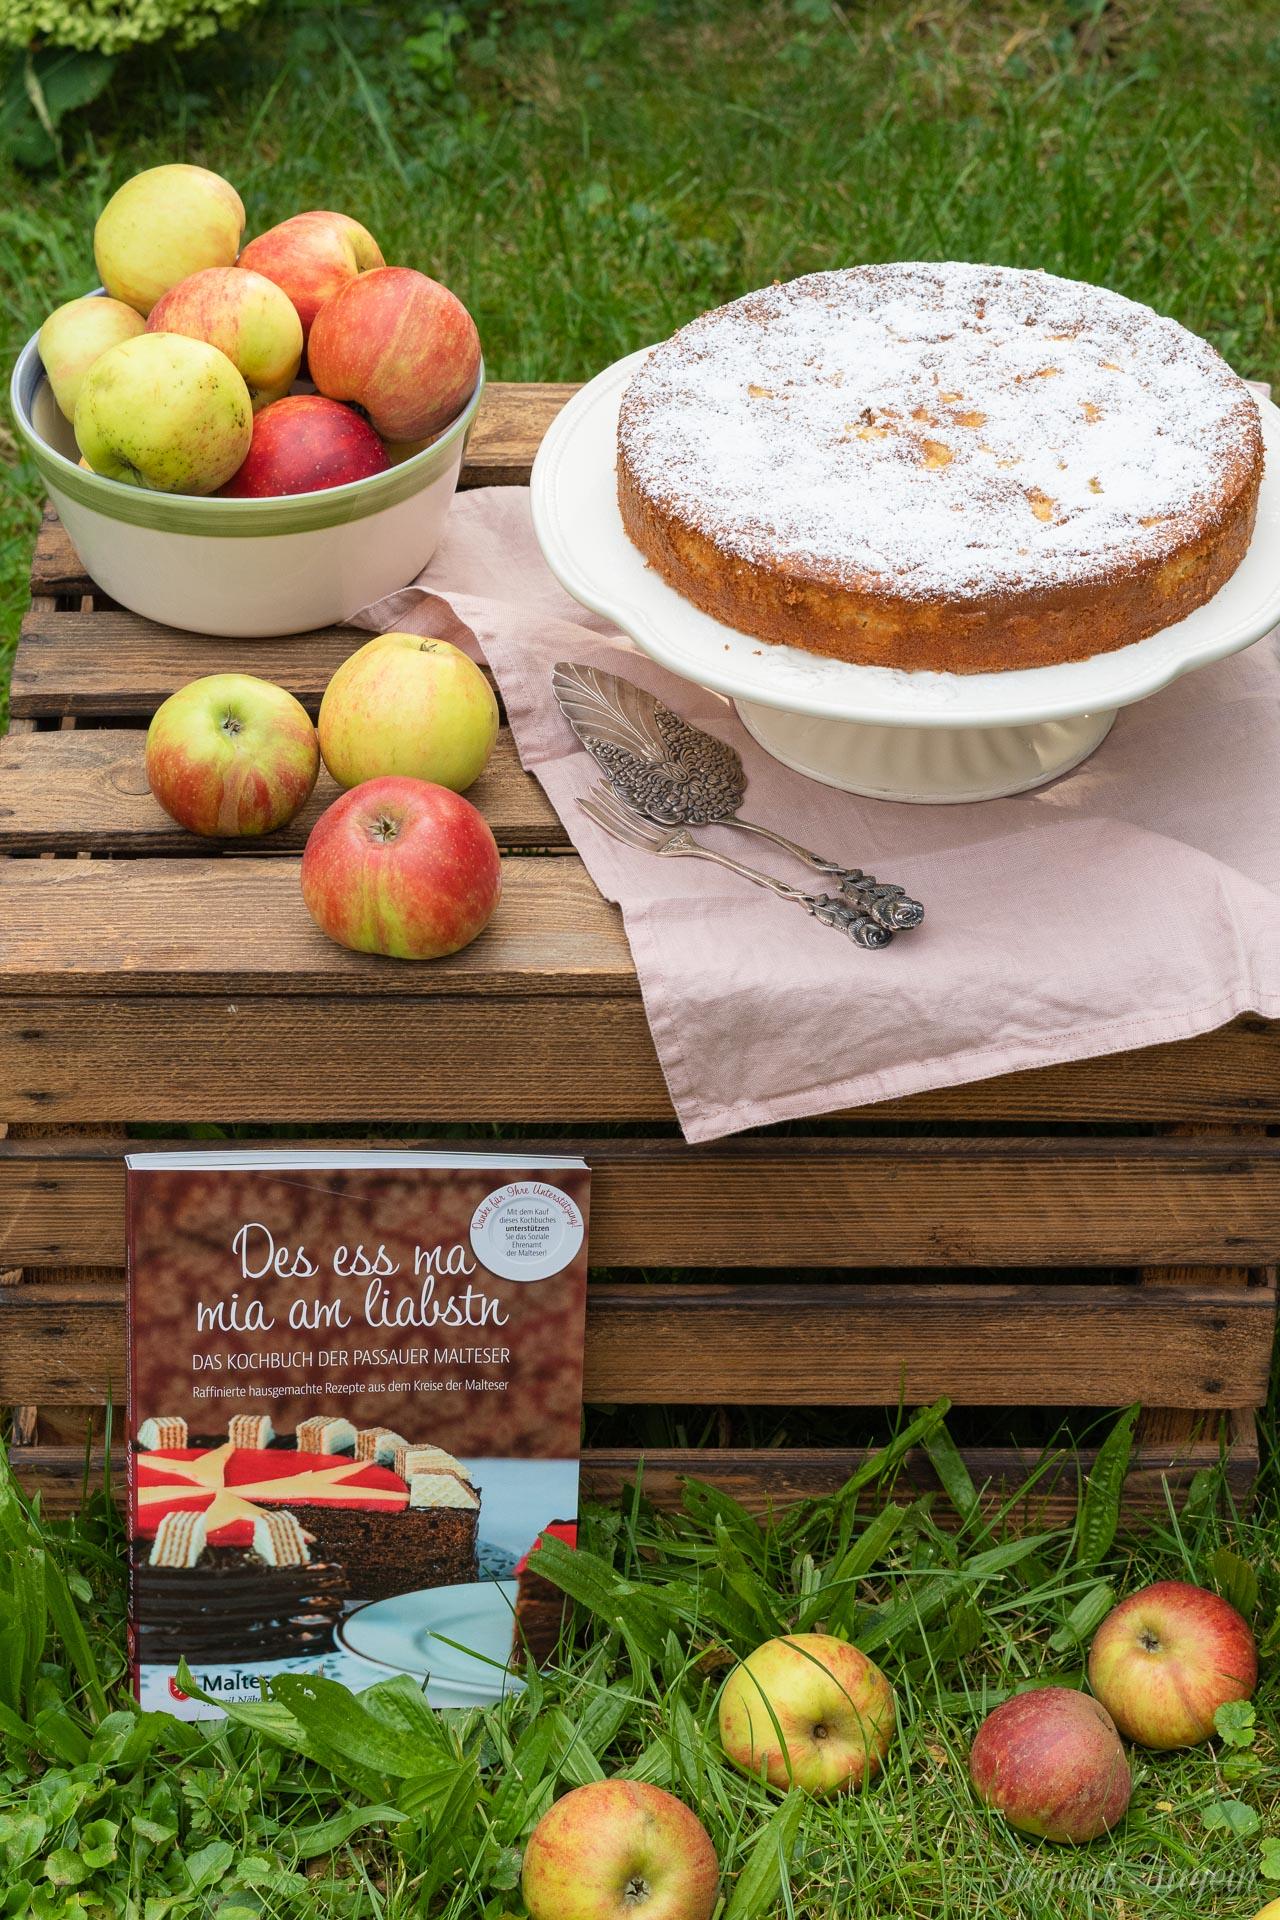 Einfacher Apfelkuchen der Passauer Malteser